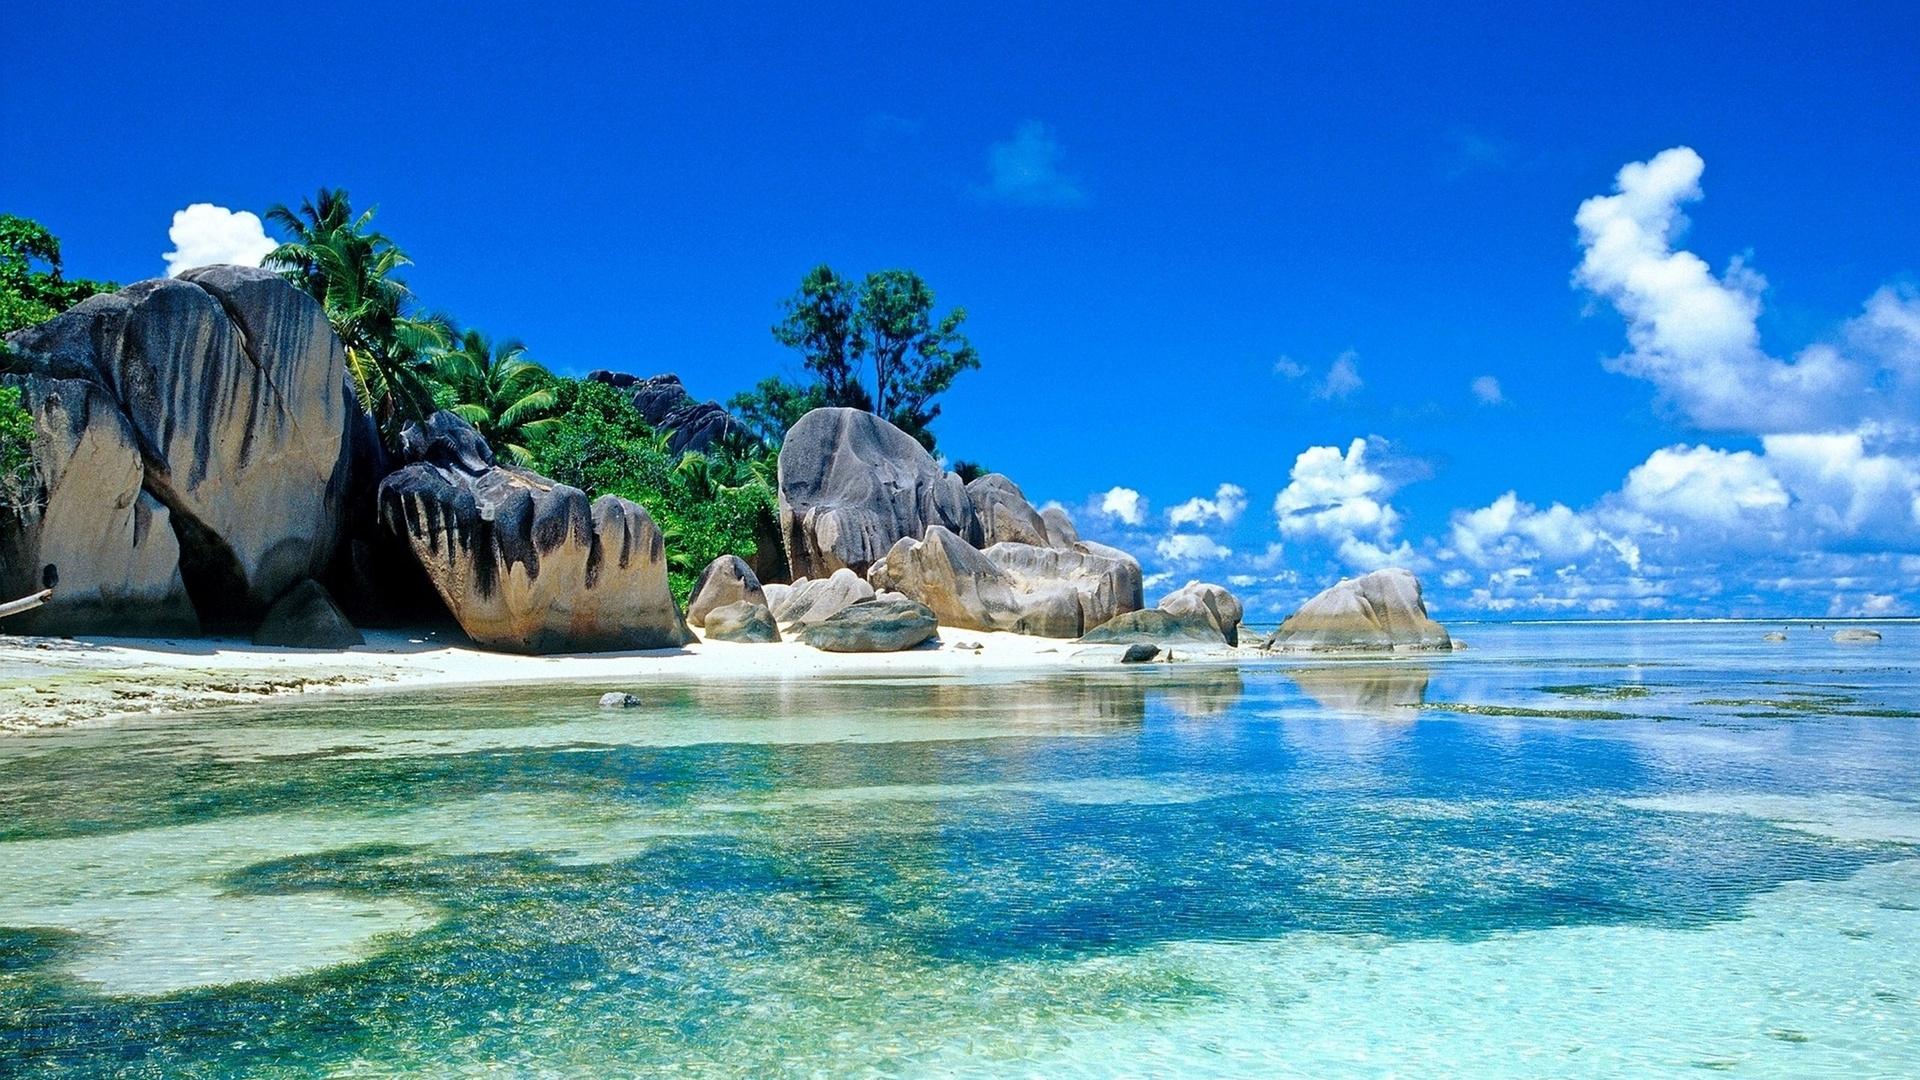 Tropical Beach HD Wallpaper - WallpaperSafari